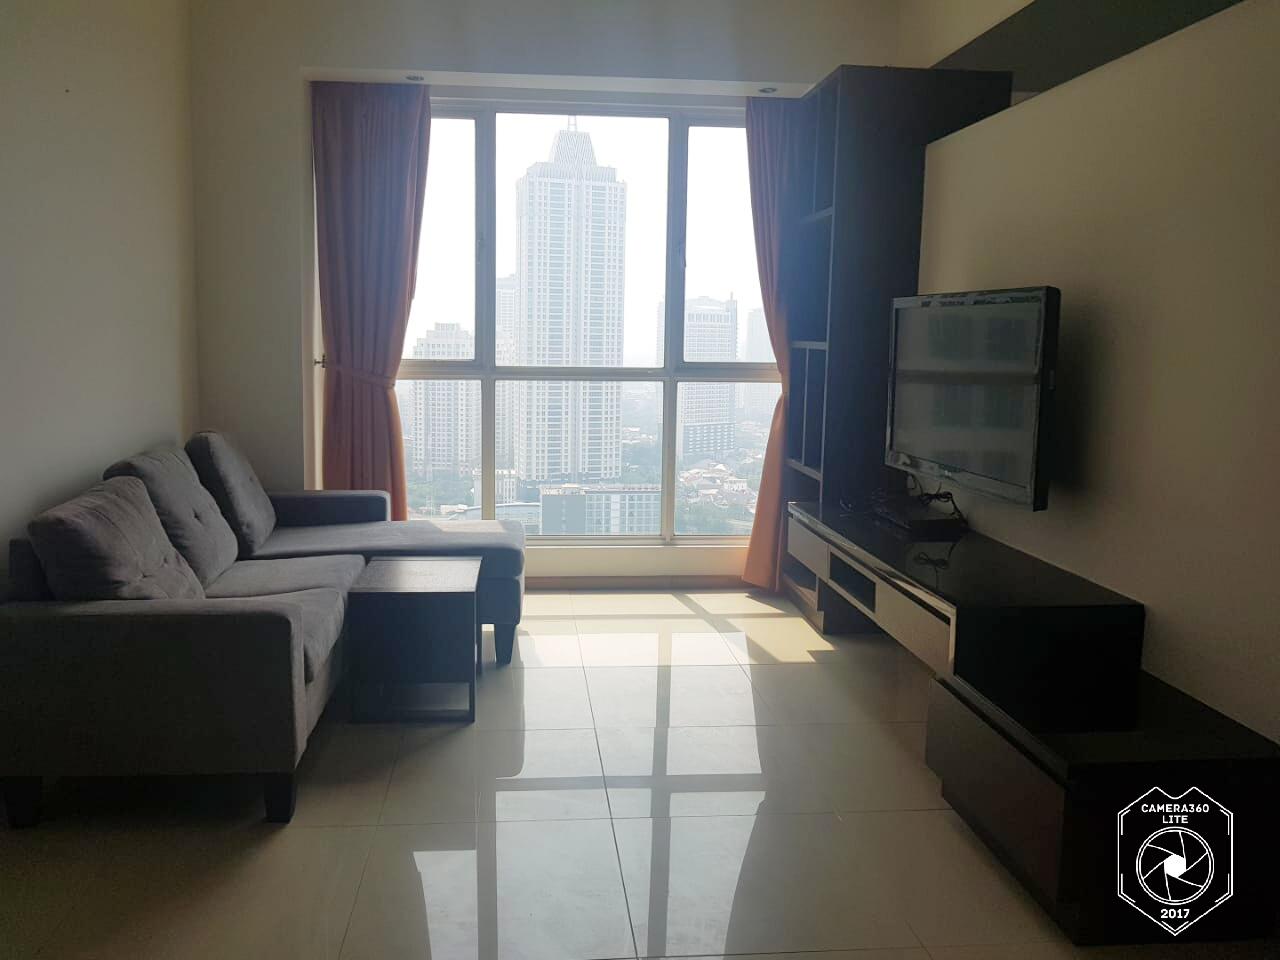 Dijual apartemen gandaria heights residence.. @ gandaria city mall